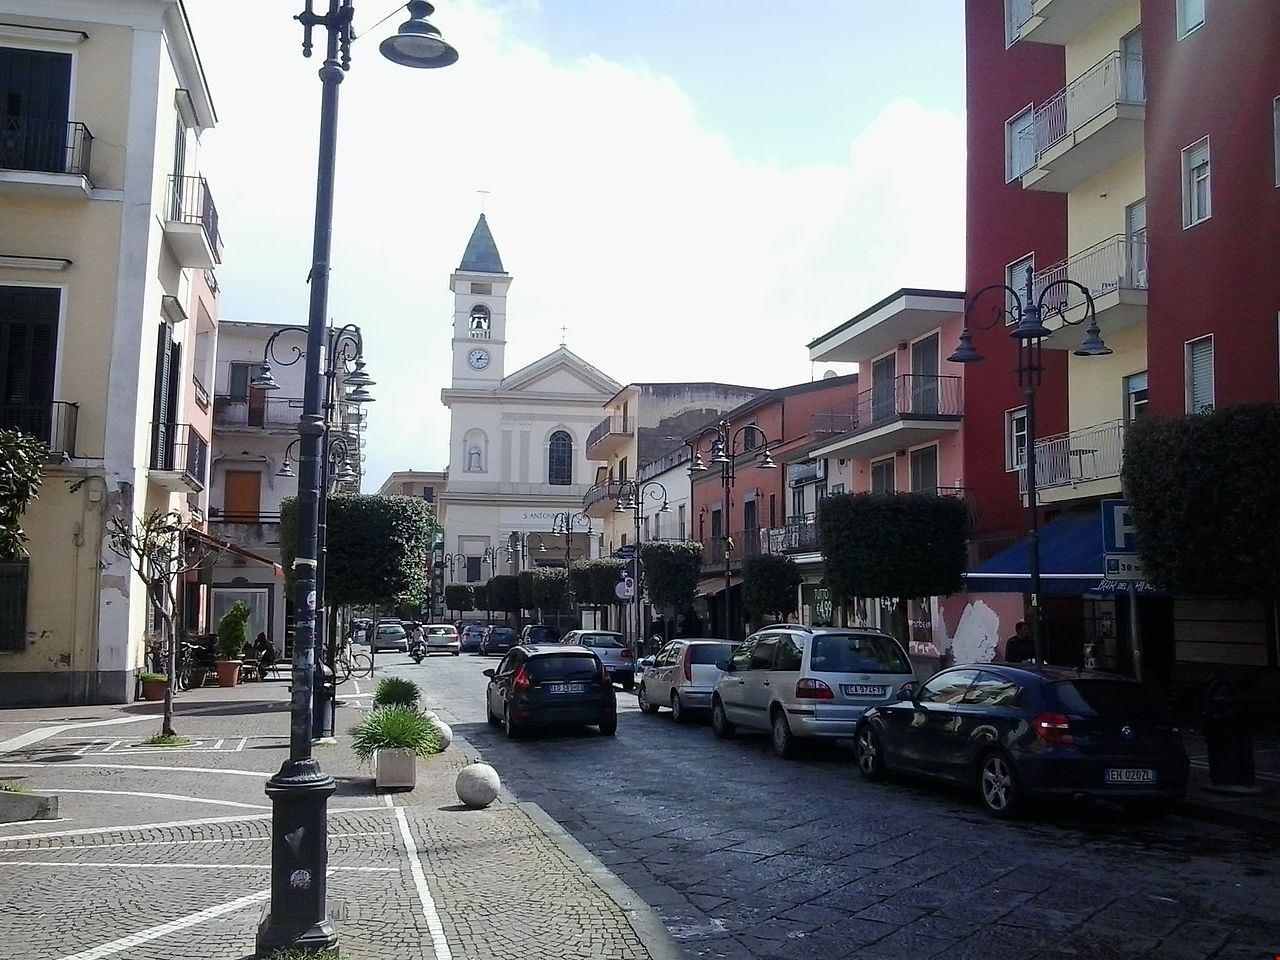 1280px-Parrocchia_di_sant'Antonio_da_Padova